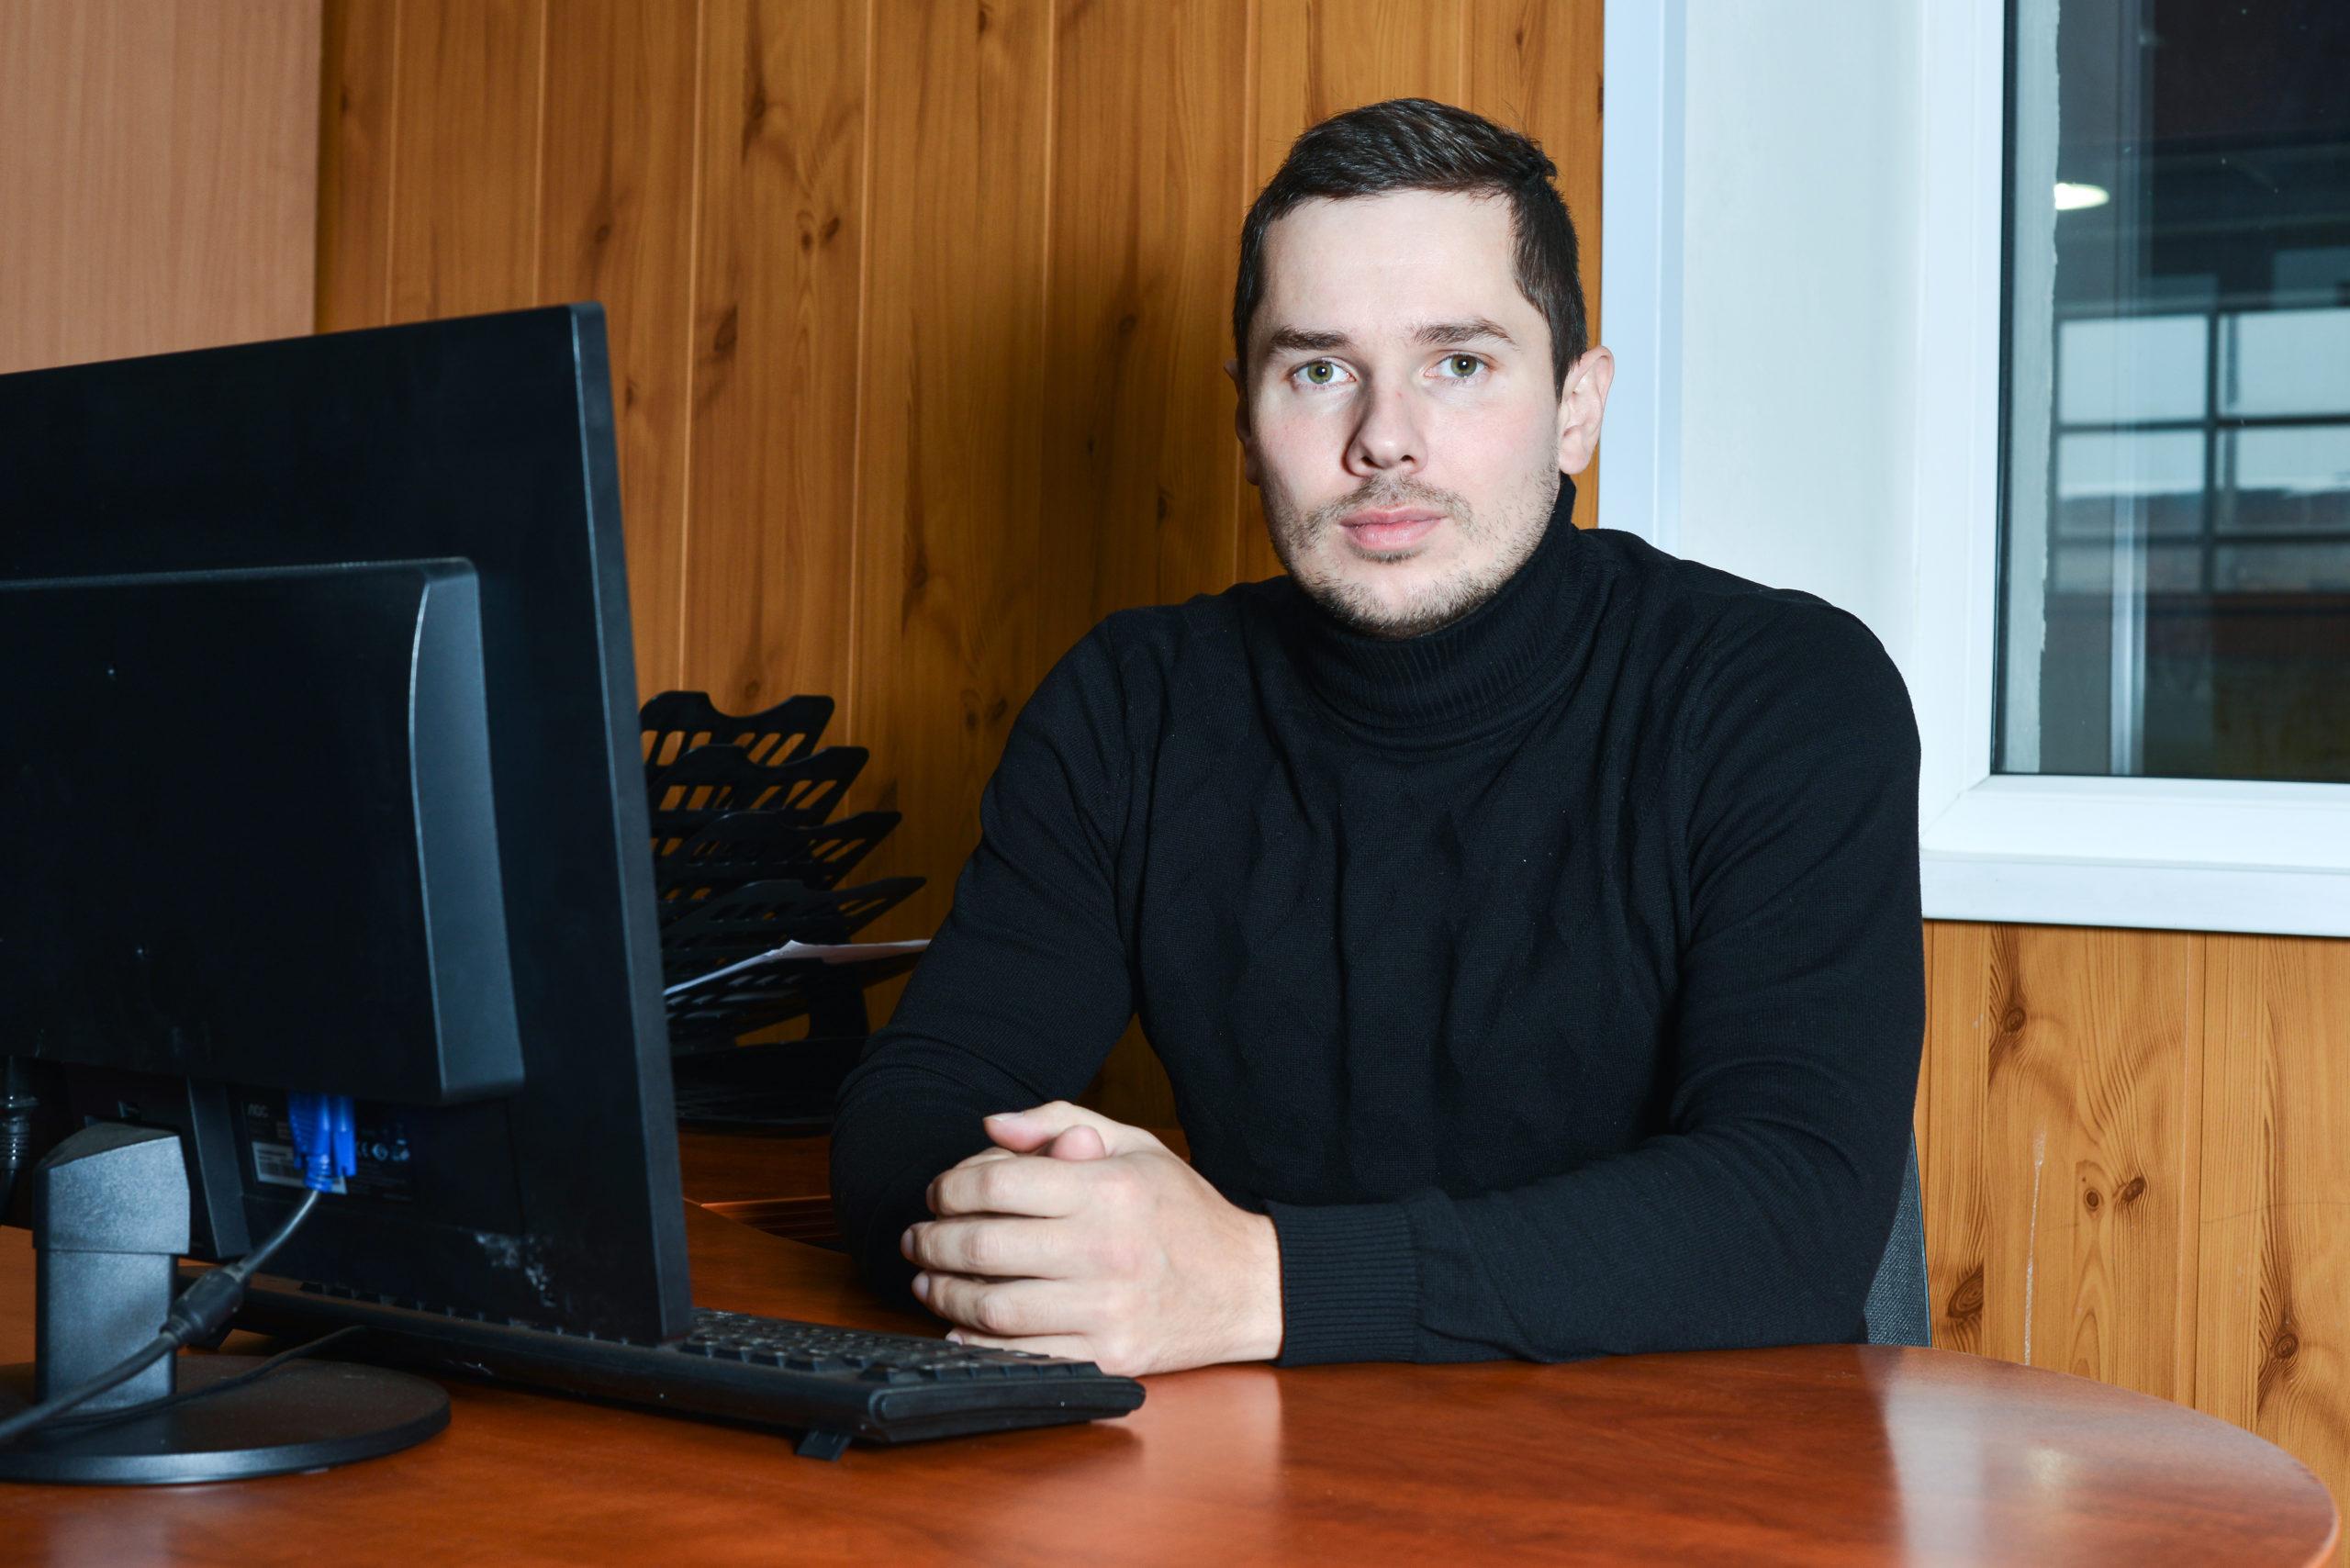 Петров Станислав Викторович (Заместитель директора по механо-сборочному производству)